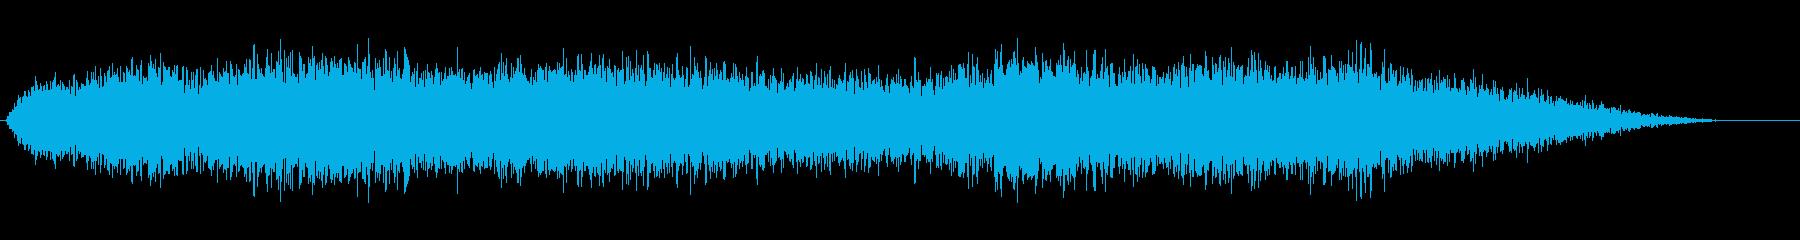 リバーブ付きベッド魔法合唱ドローンの再生済みの波形